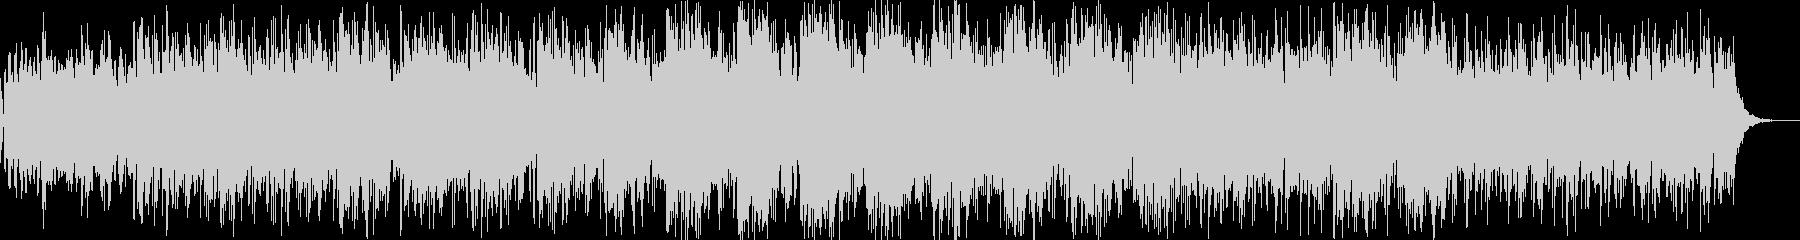 3分BGM クール ヒップホップの未再生の波形